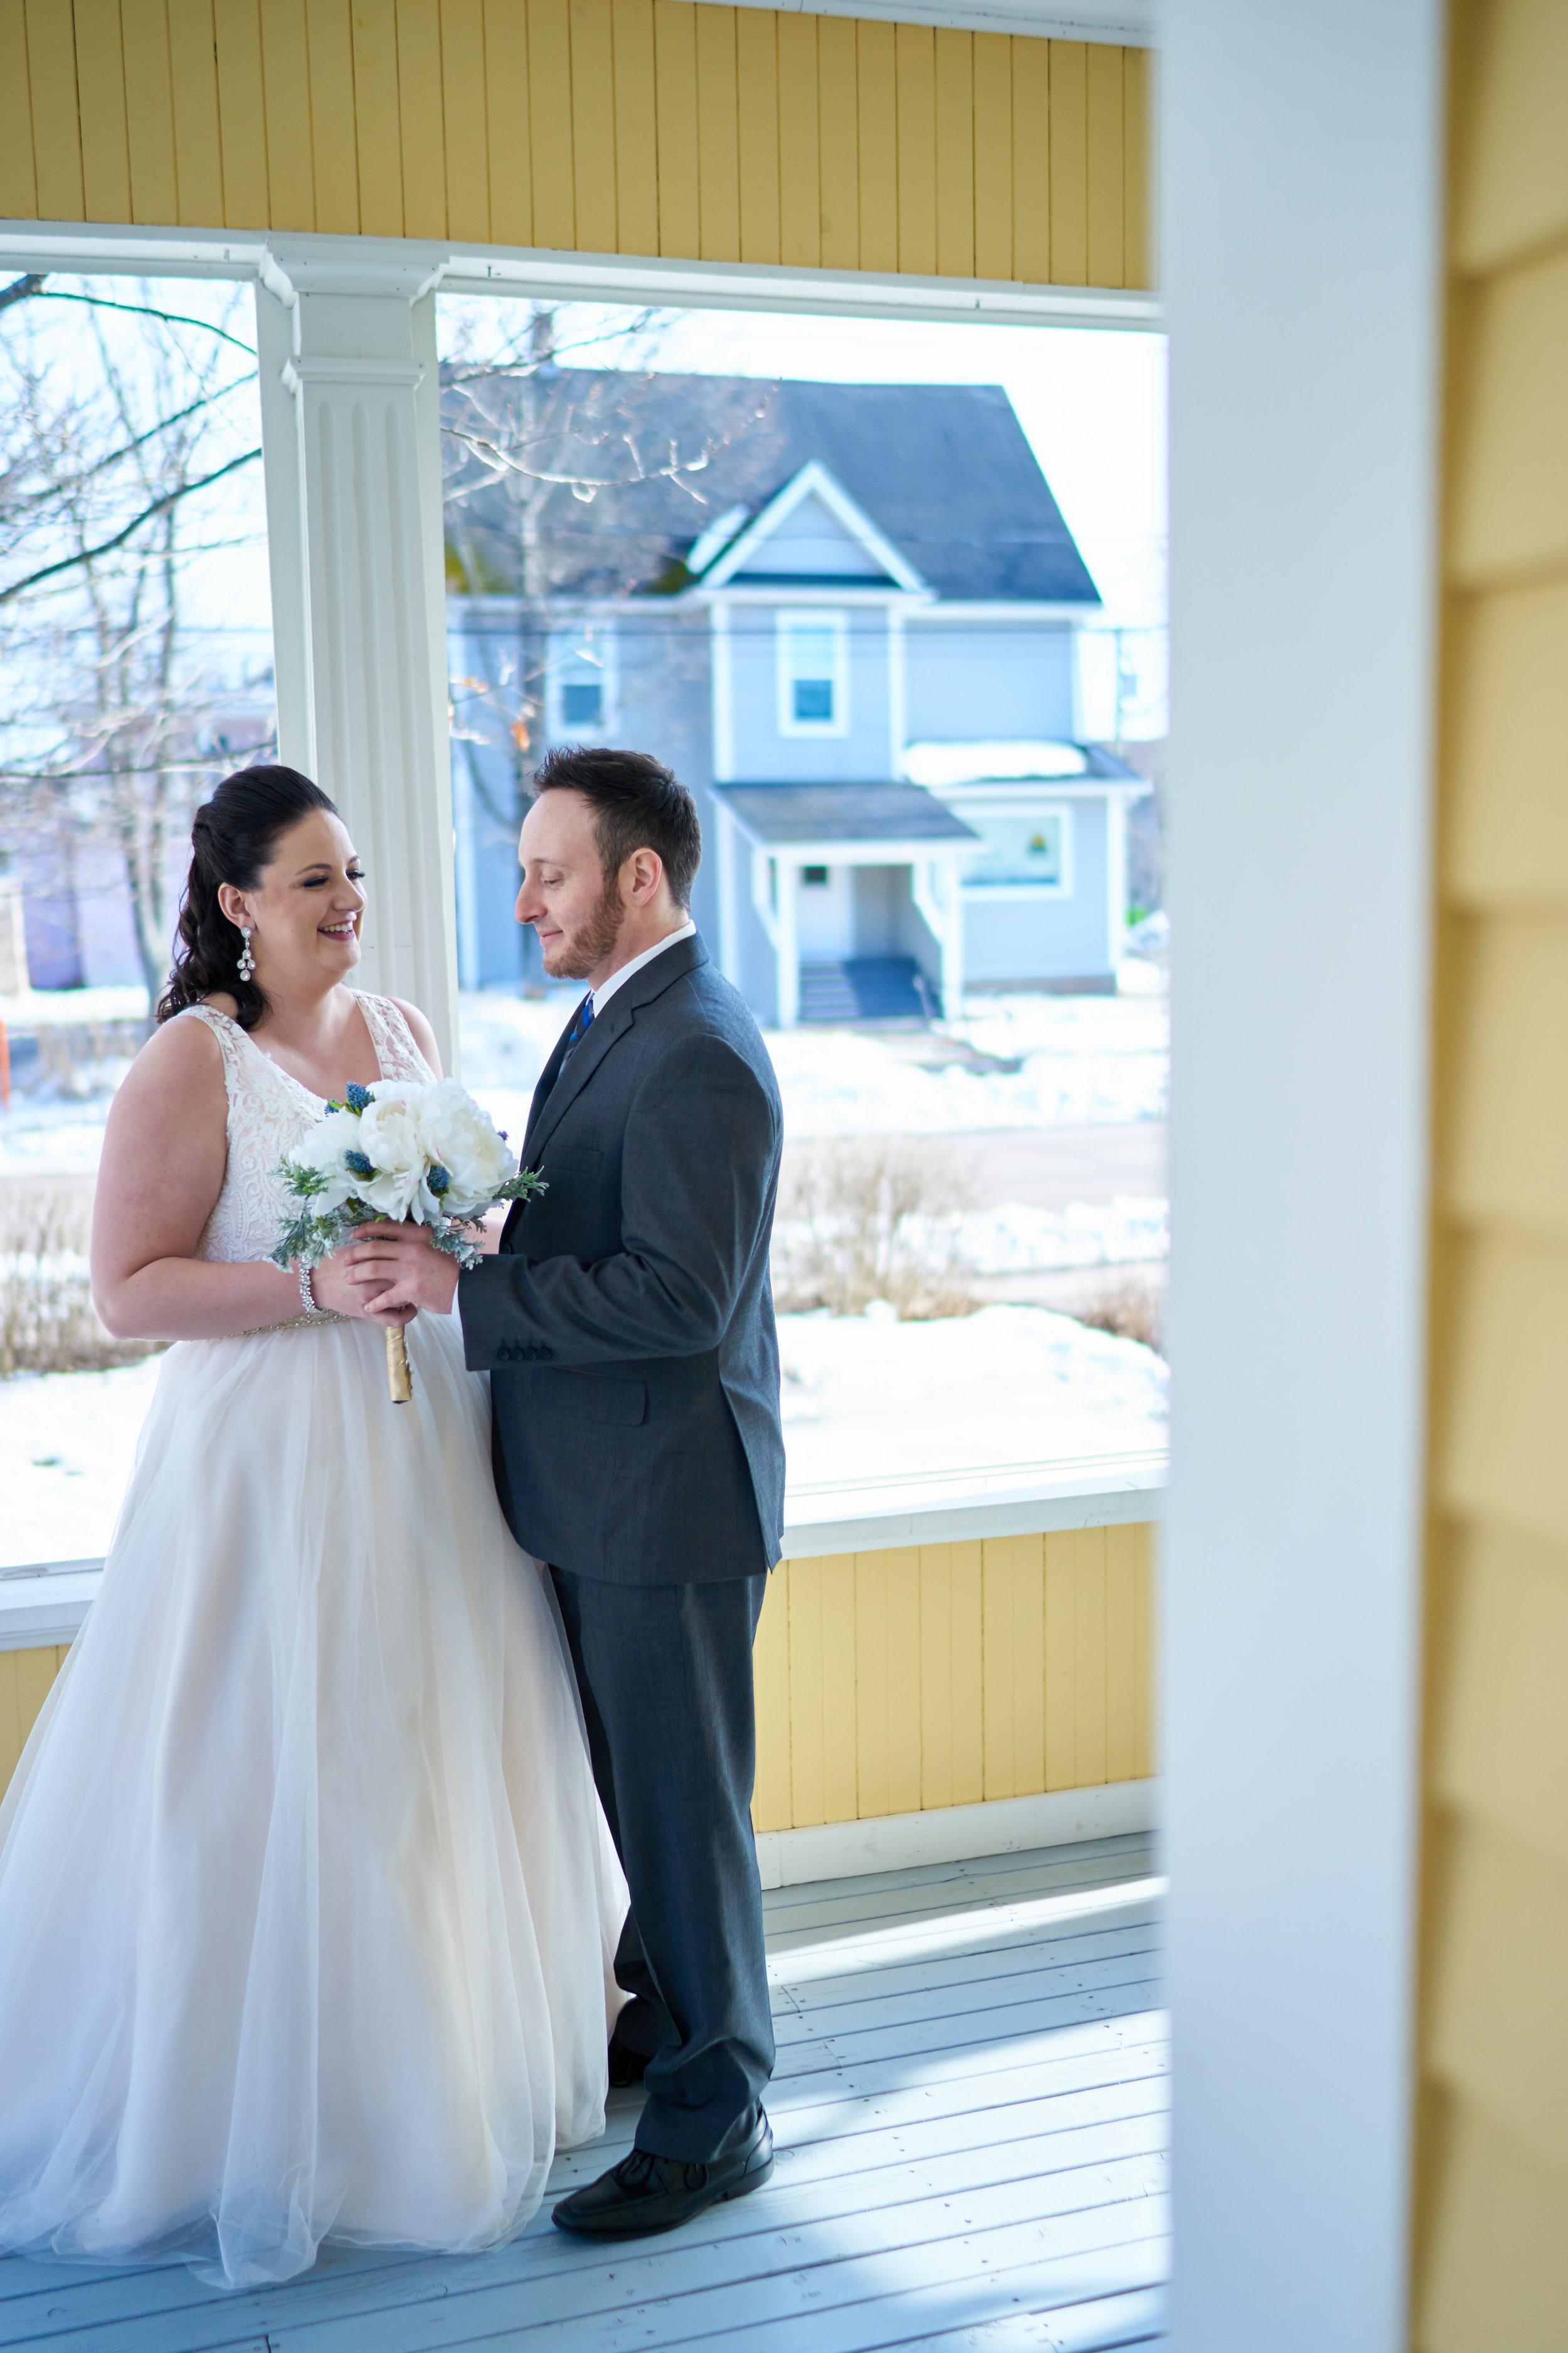 Melanie & Lewis' Wedding 431.jpg